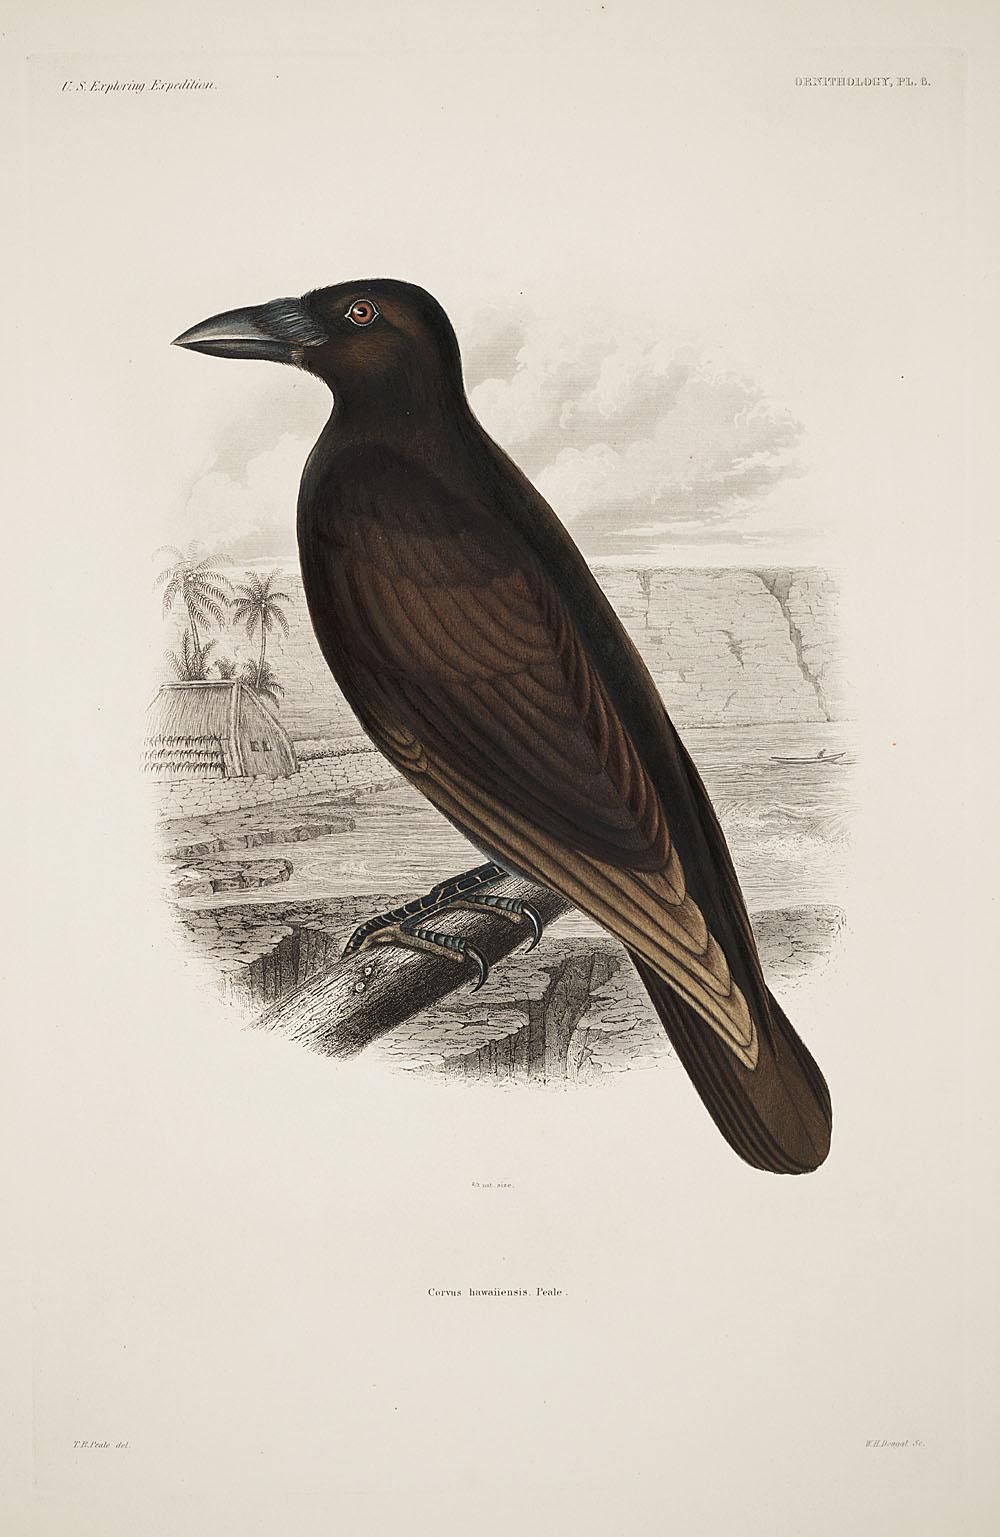 Ornithology, Pl. 6,  Image number:sil19-12-043b